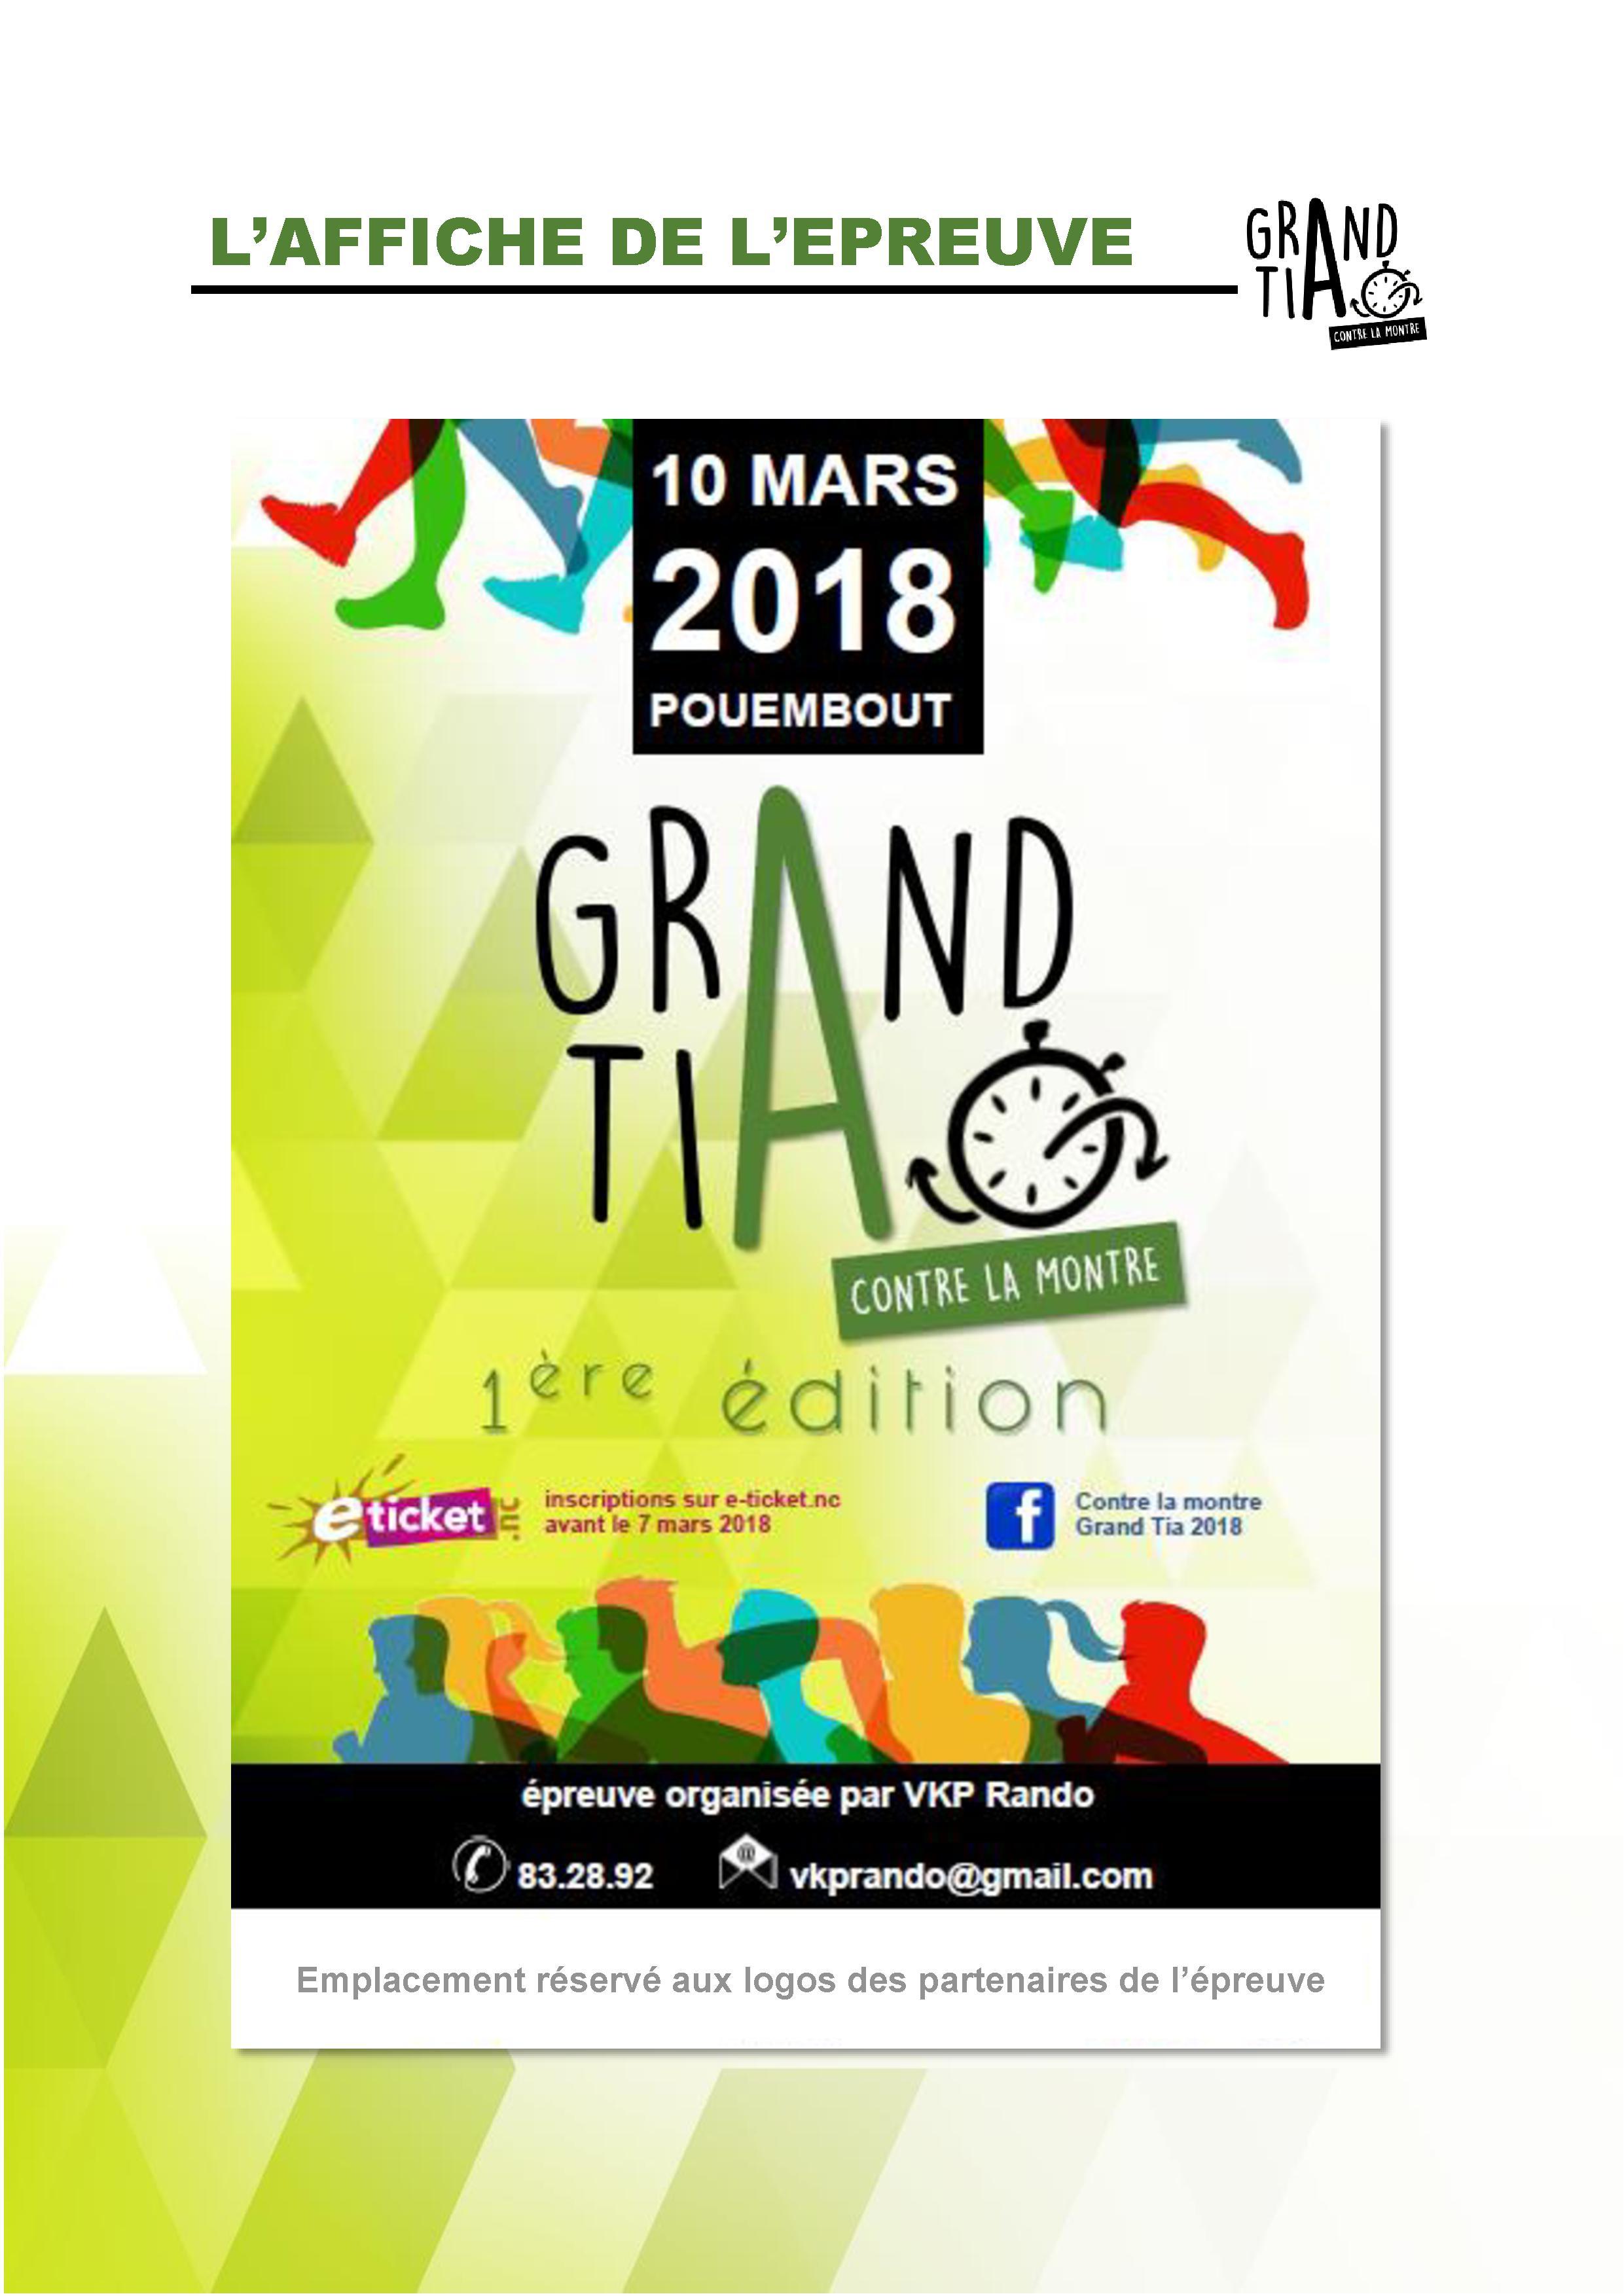 CONTRE LA MONTRE GRAND TIA 2018 SITE VKP RANDO-6